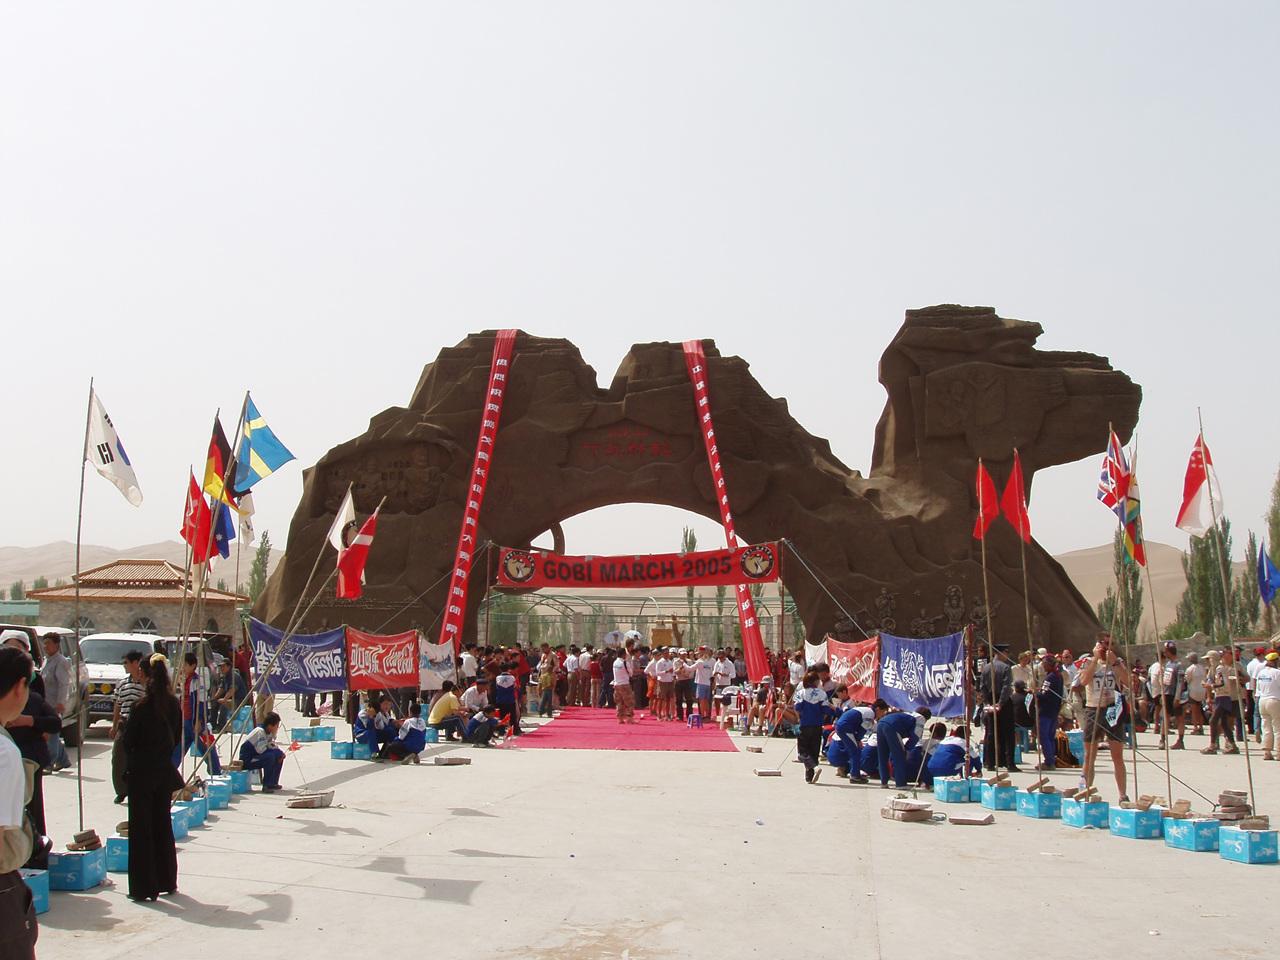 253km 고비사막레이스 대장정의 결승선 모습 선수 모두의 로망!